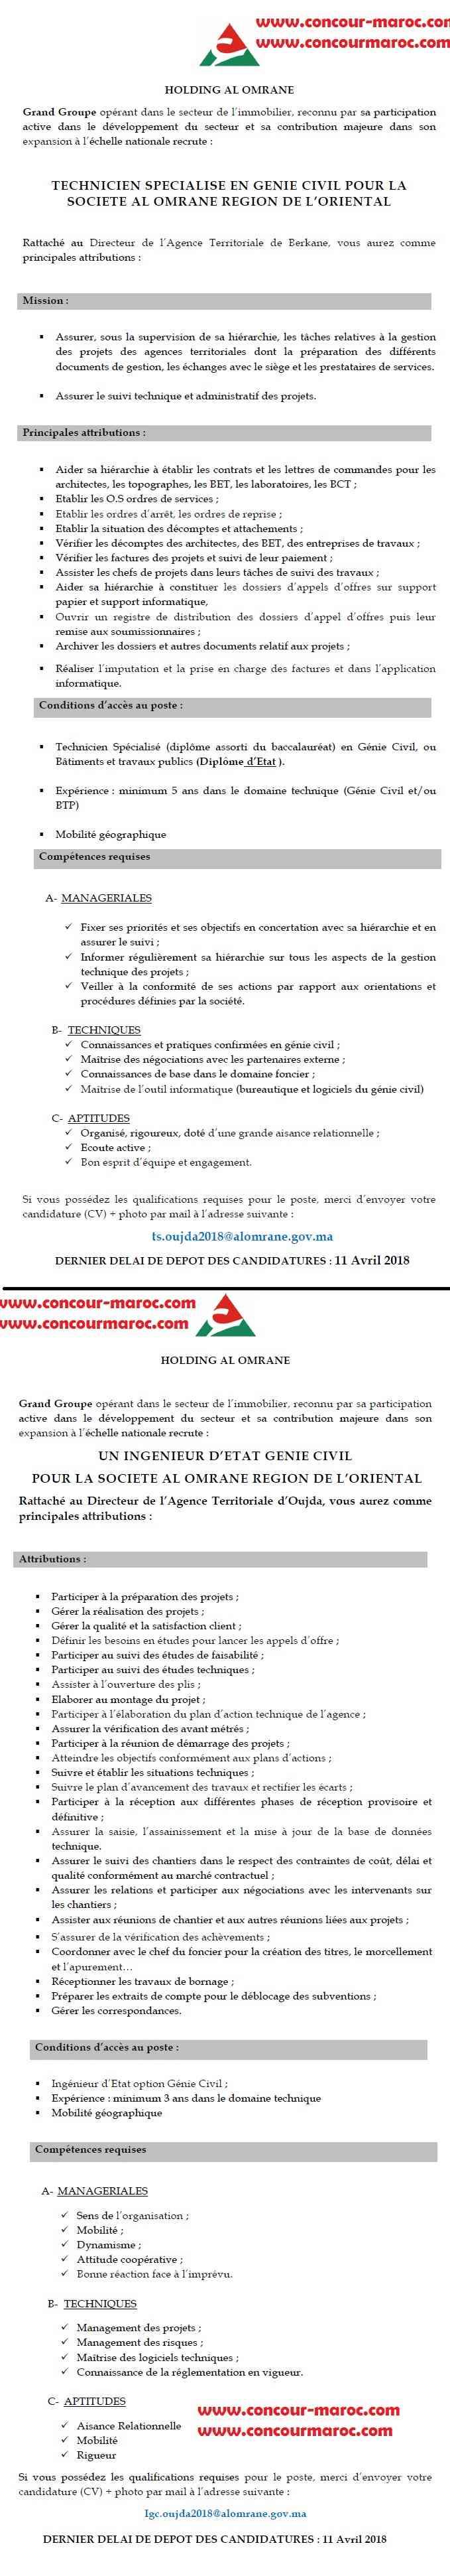 شركة العمران بالجهة الشرقية : مباراة لتوظيف تقني متخصص و مهندس دولة آخر أجل 11 ابريل 2018  Conco107